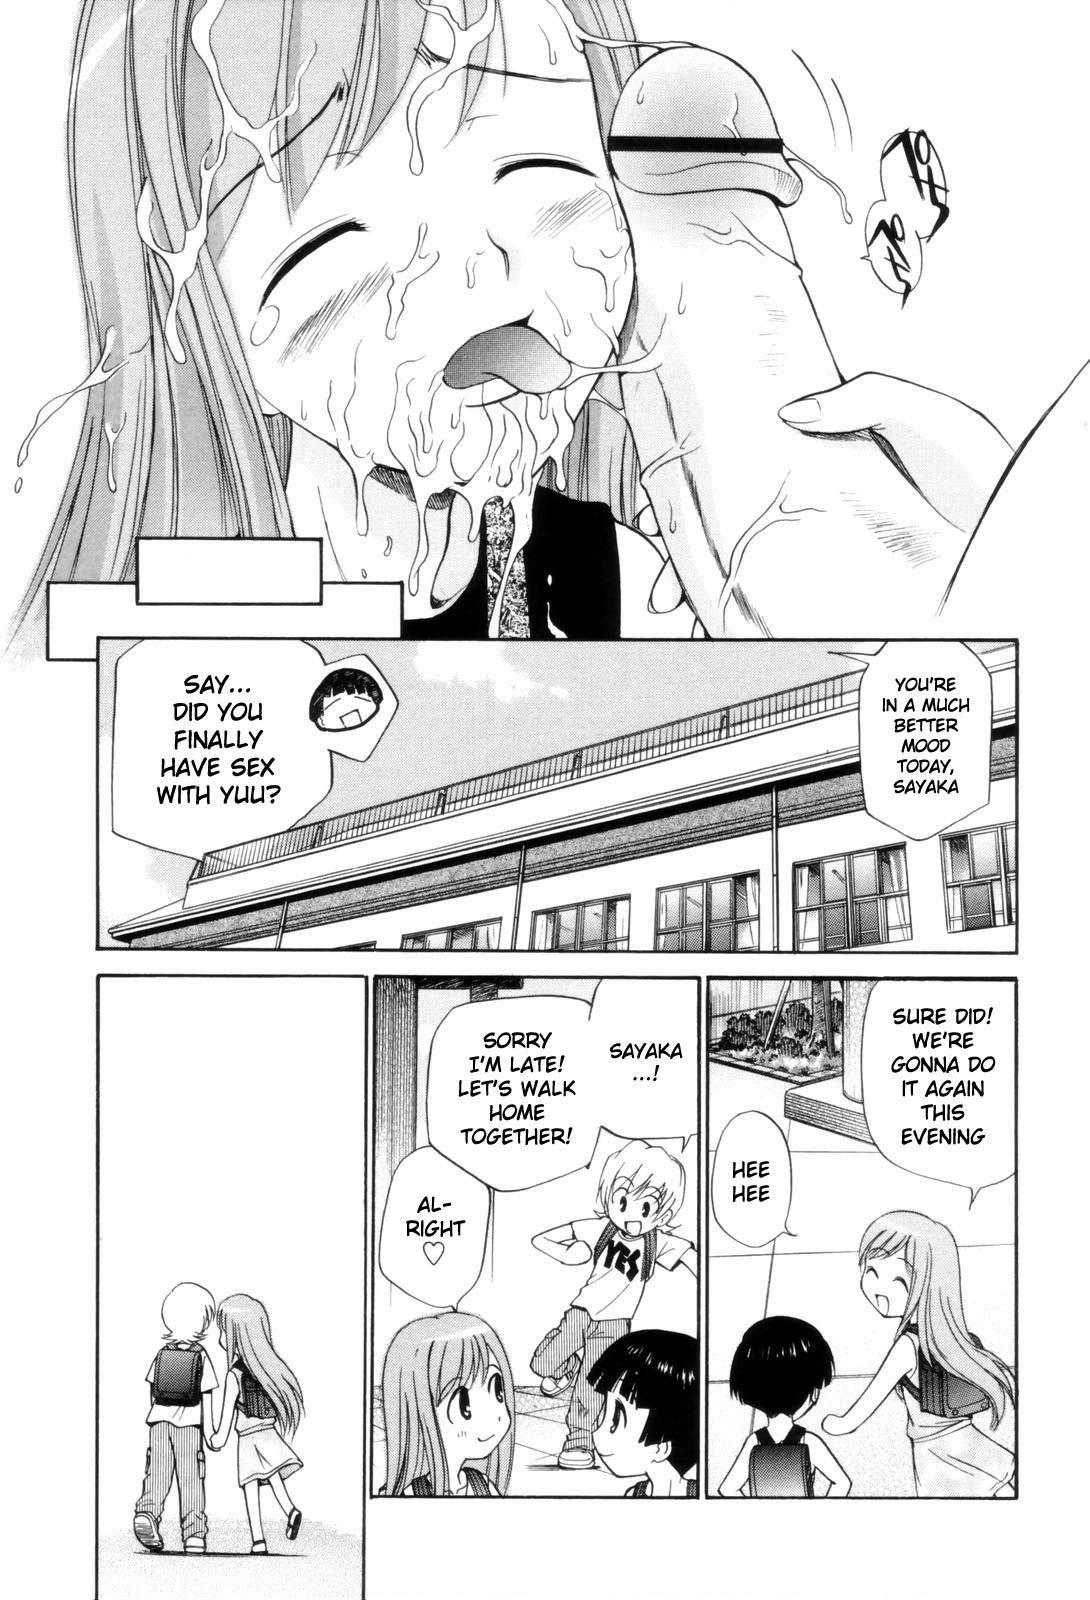 [Kamirenjaku Sanpei] Tonari no Sperm-san Ch.0-7+Epilogue [ENG] 119